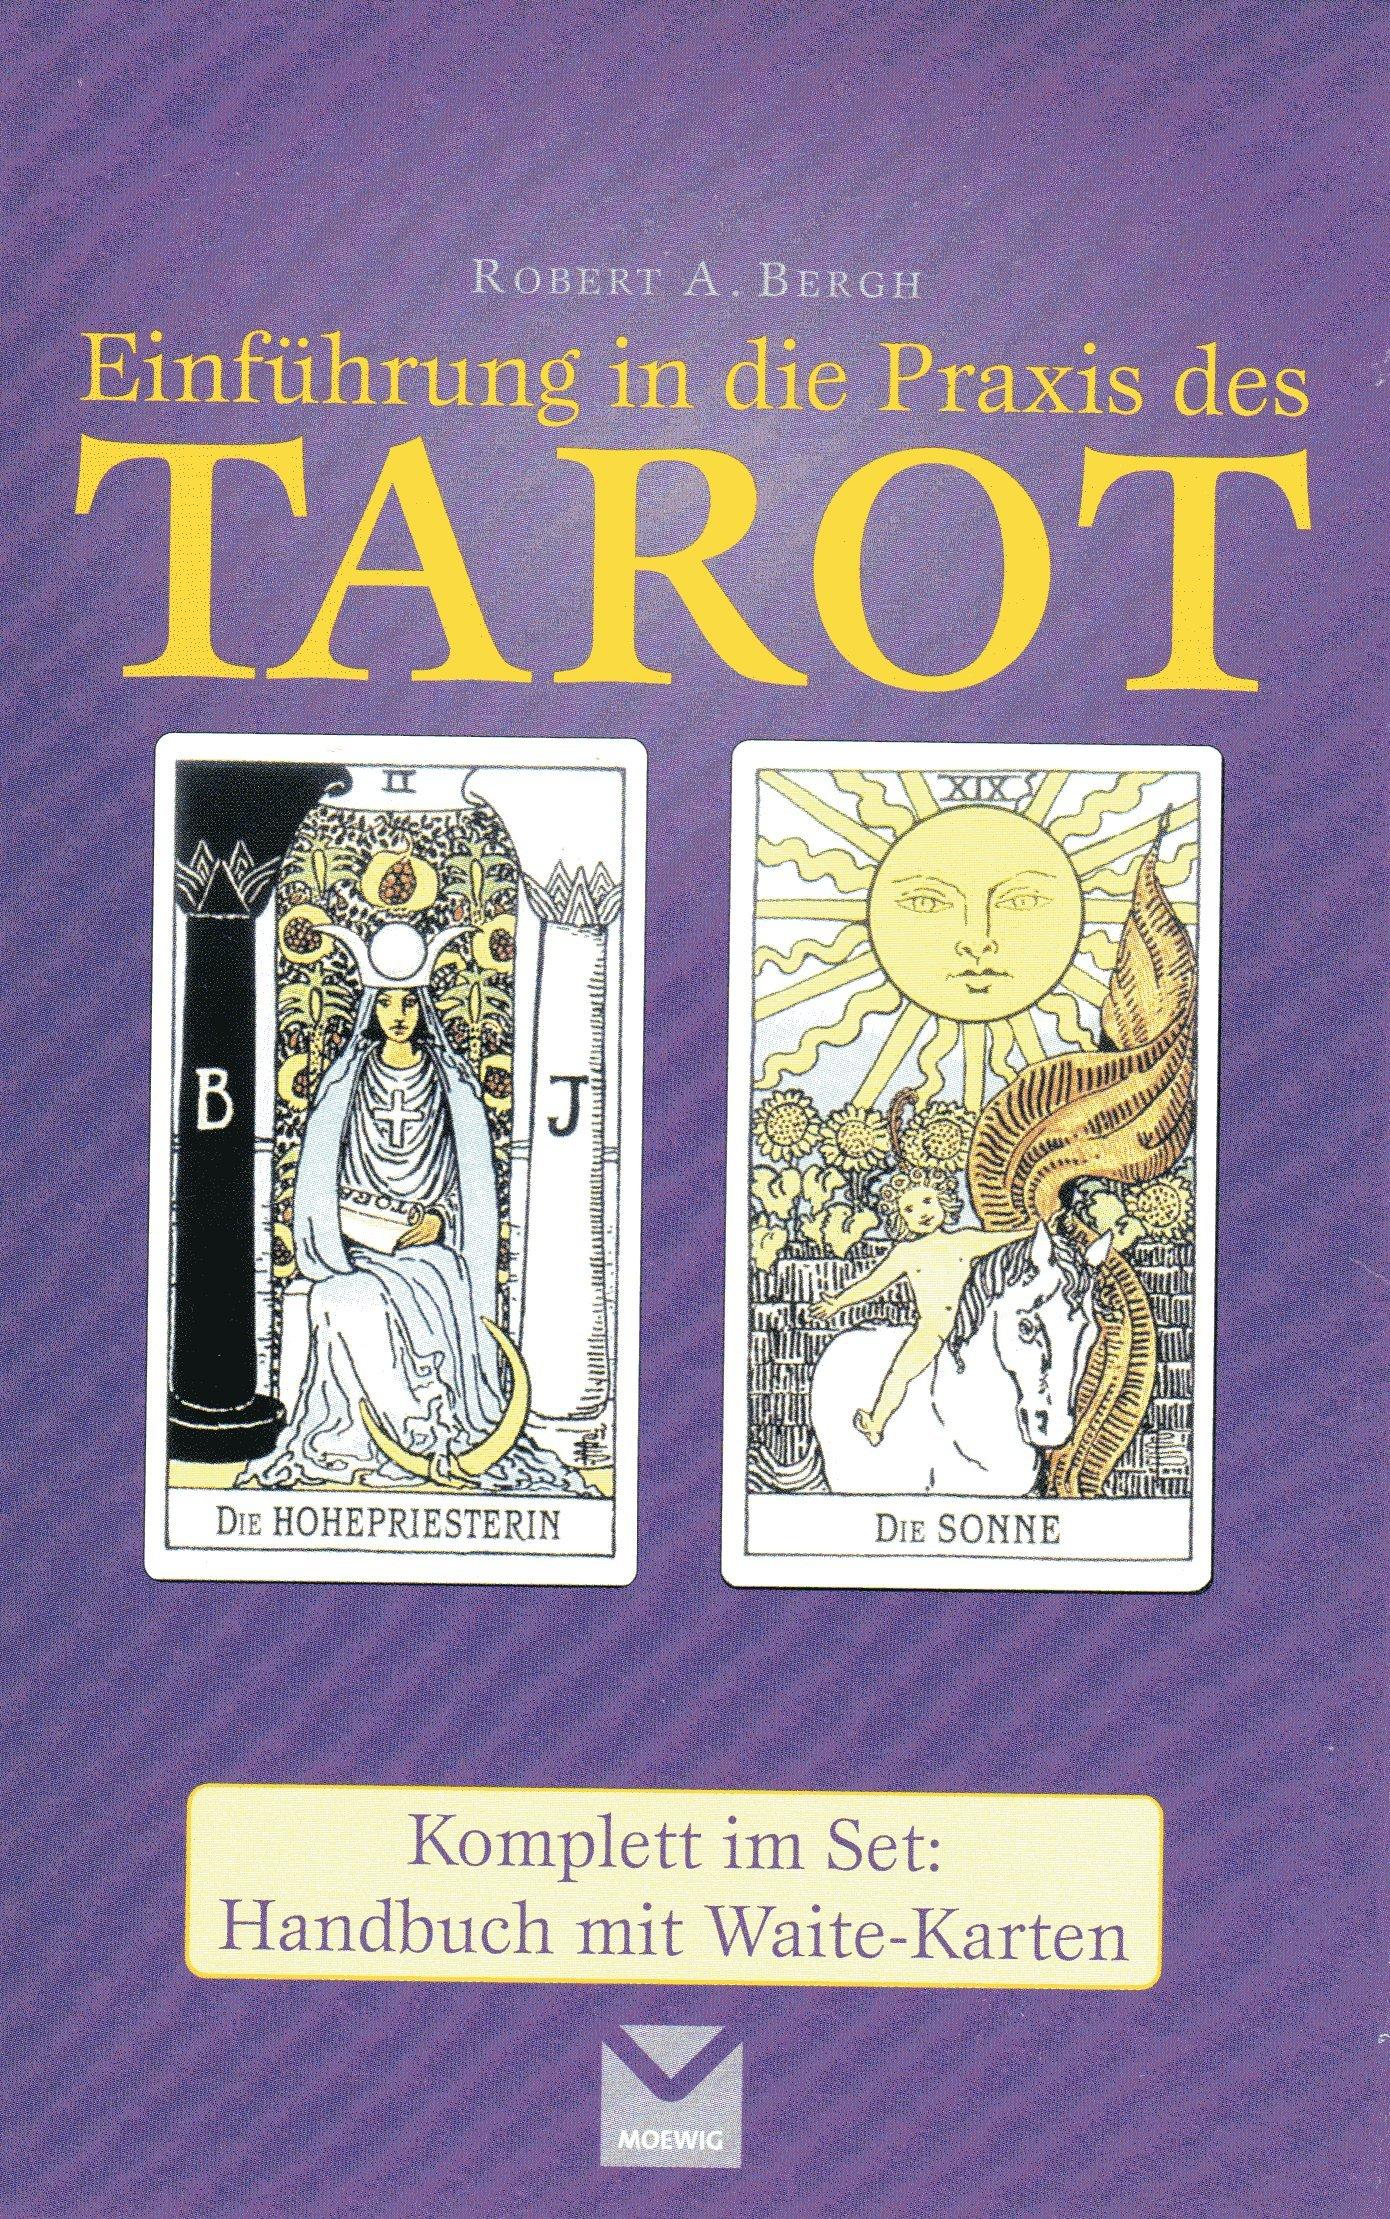 Einführung in die Praxis des Tarot: Komplett im Set: Handbuch mit Waite-Karten